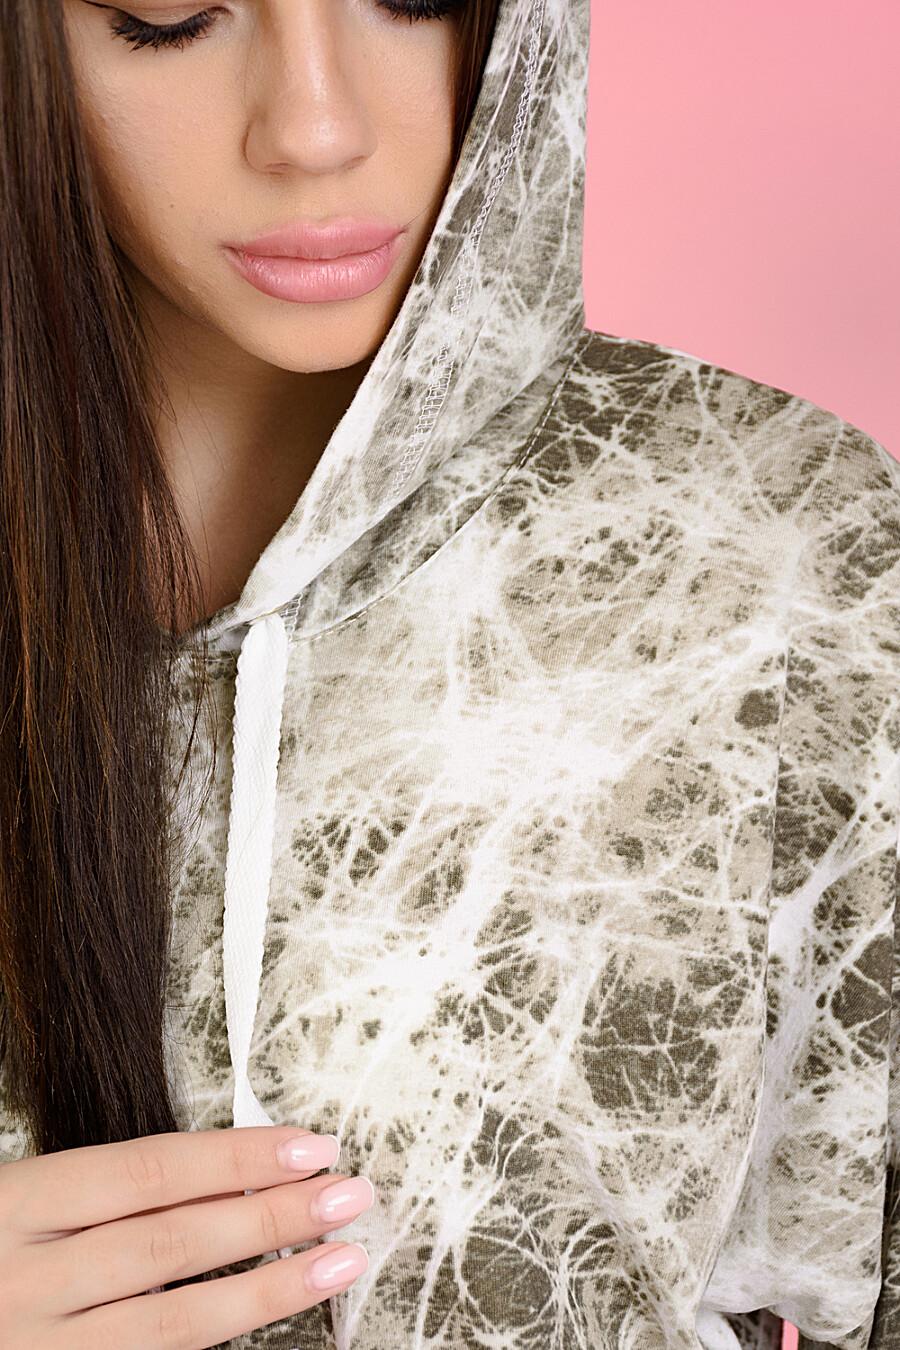 Шорты 8122 для женщин НАТАЛИ 682466 купить оптом от производителя. Совместная покупка женской одежды в OptMoyo